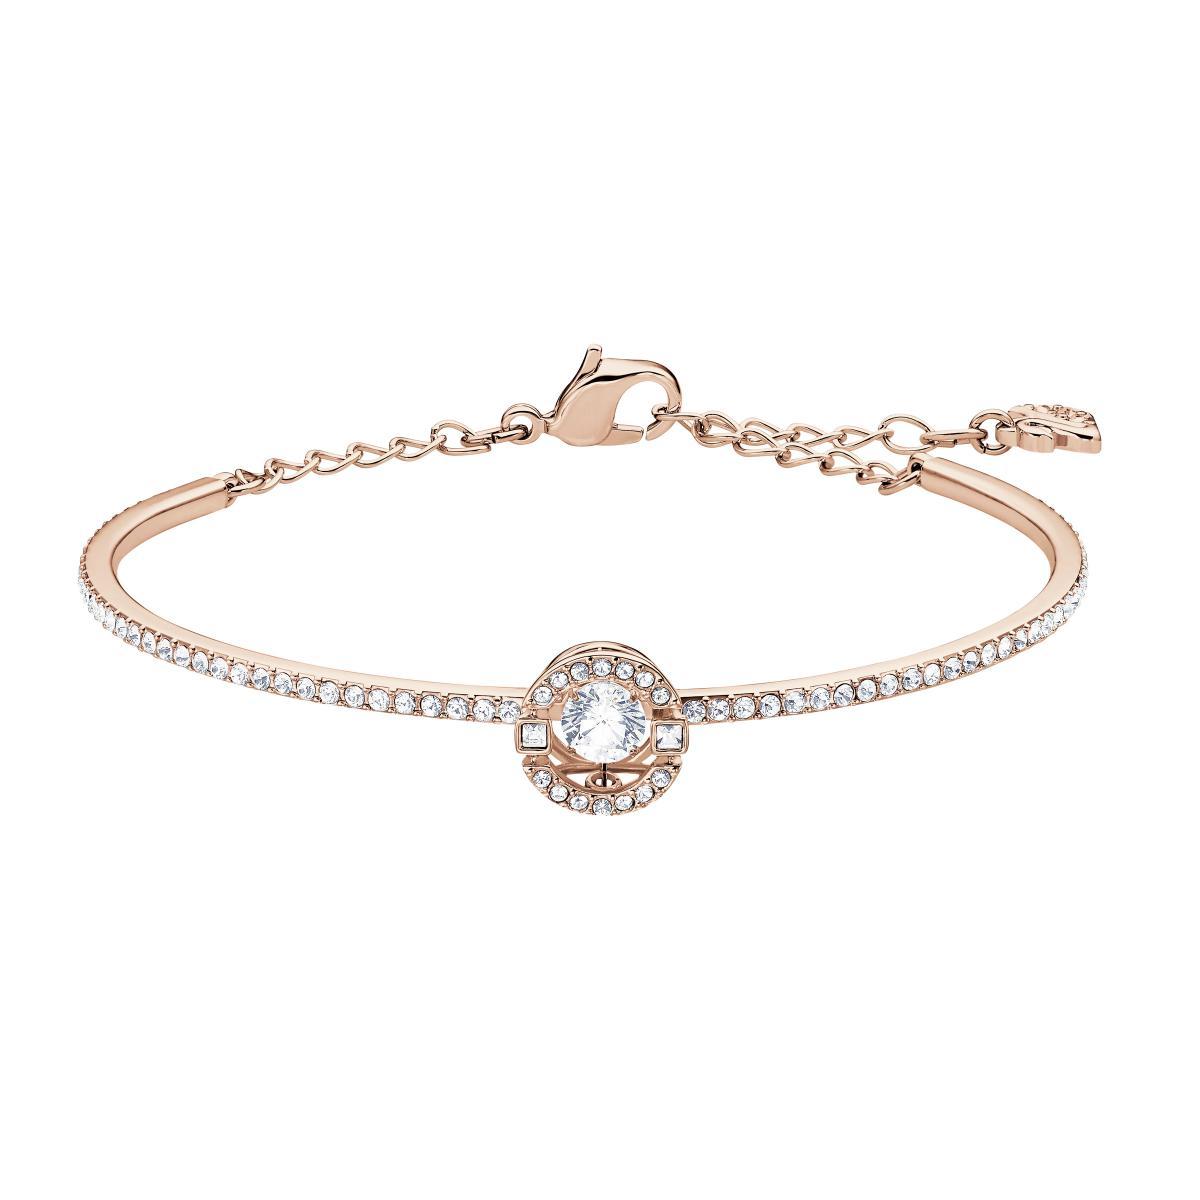 Bracelet Swarovski 5497483 - Métal Doré Rose Oeil de cristal étincelant  Femme